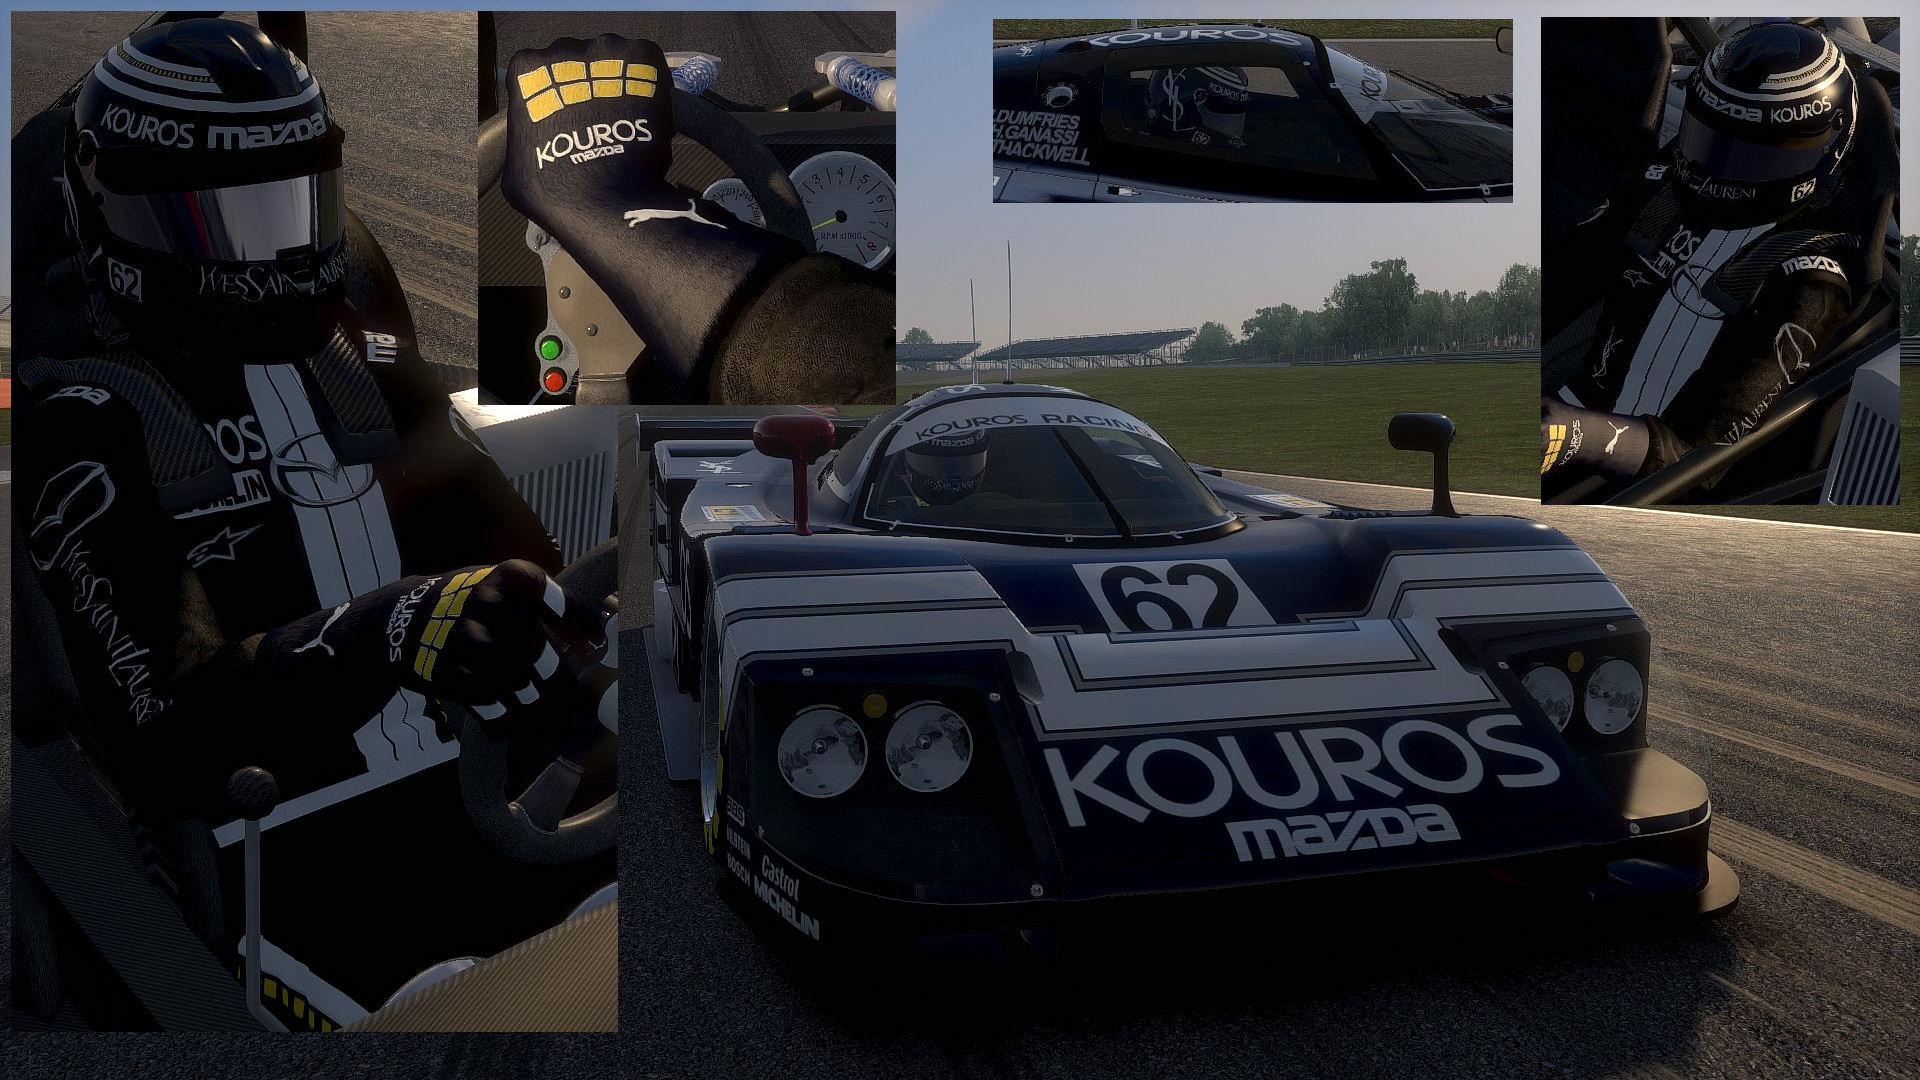 Mazda Suit Kouros